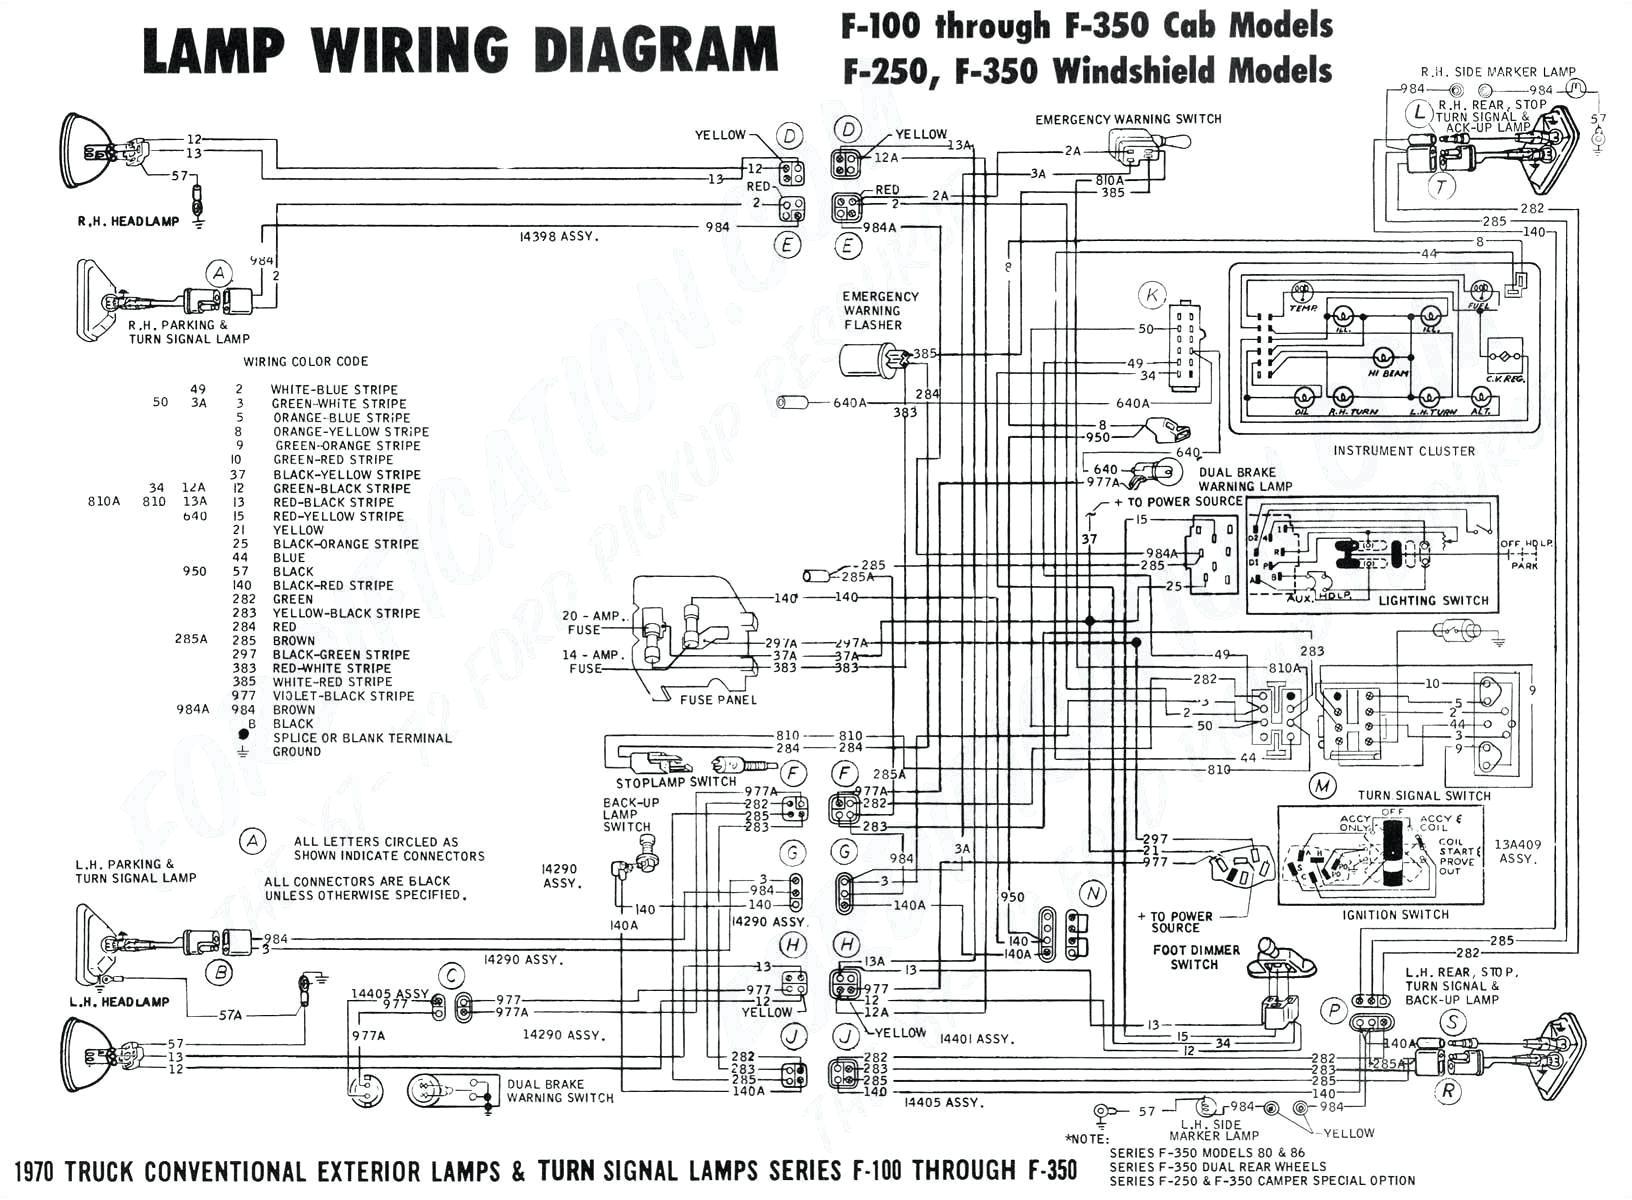 pioneer deh 150mp wiring diagram vehicledata wire dodge neon random fresh